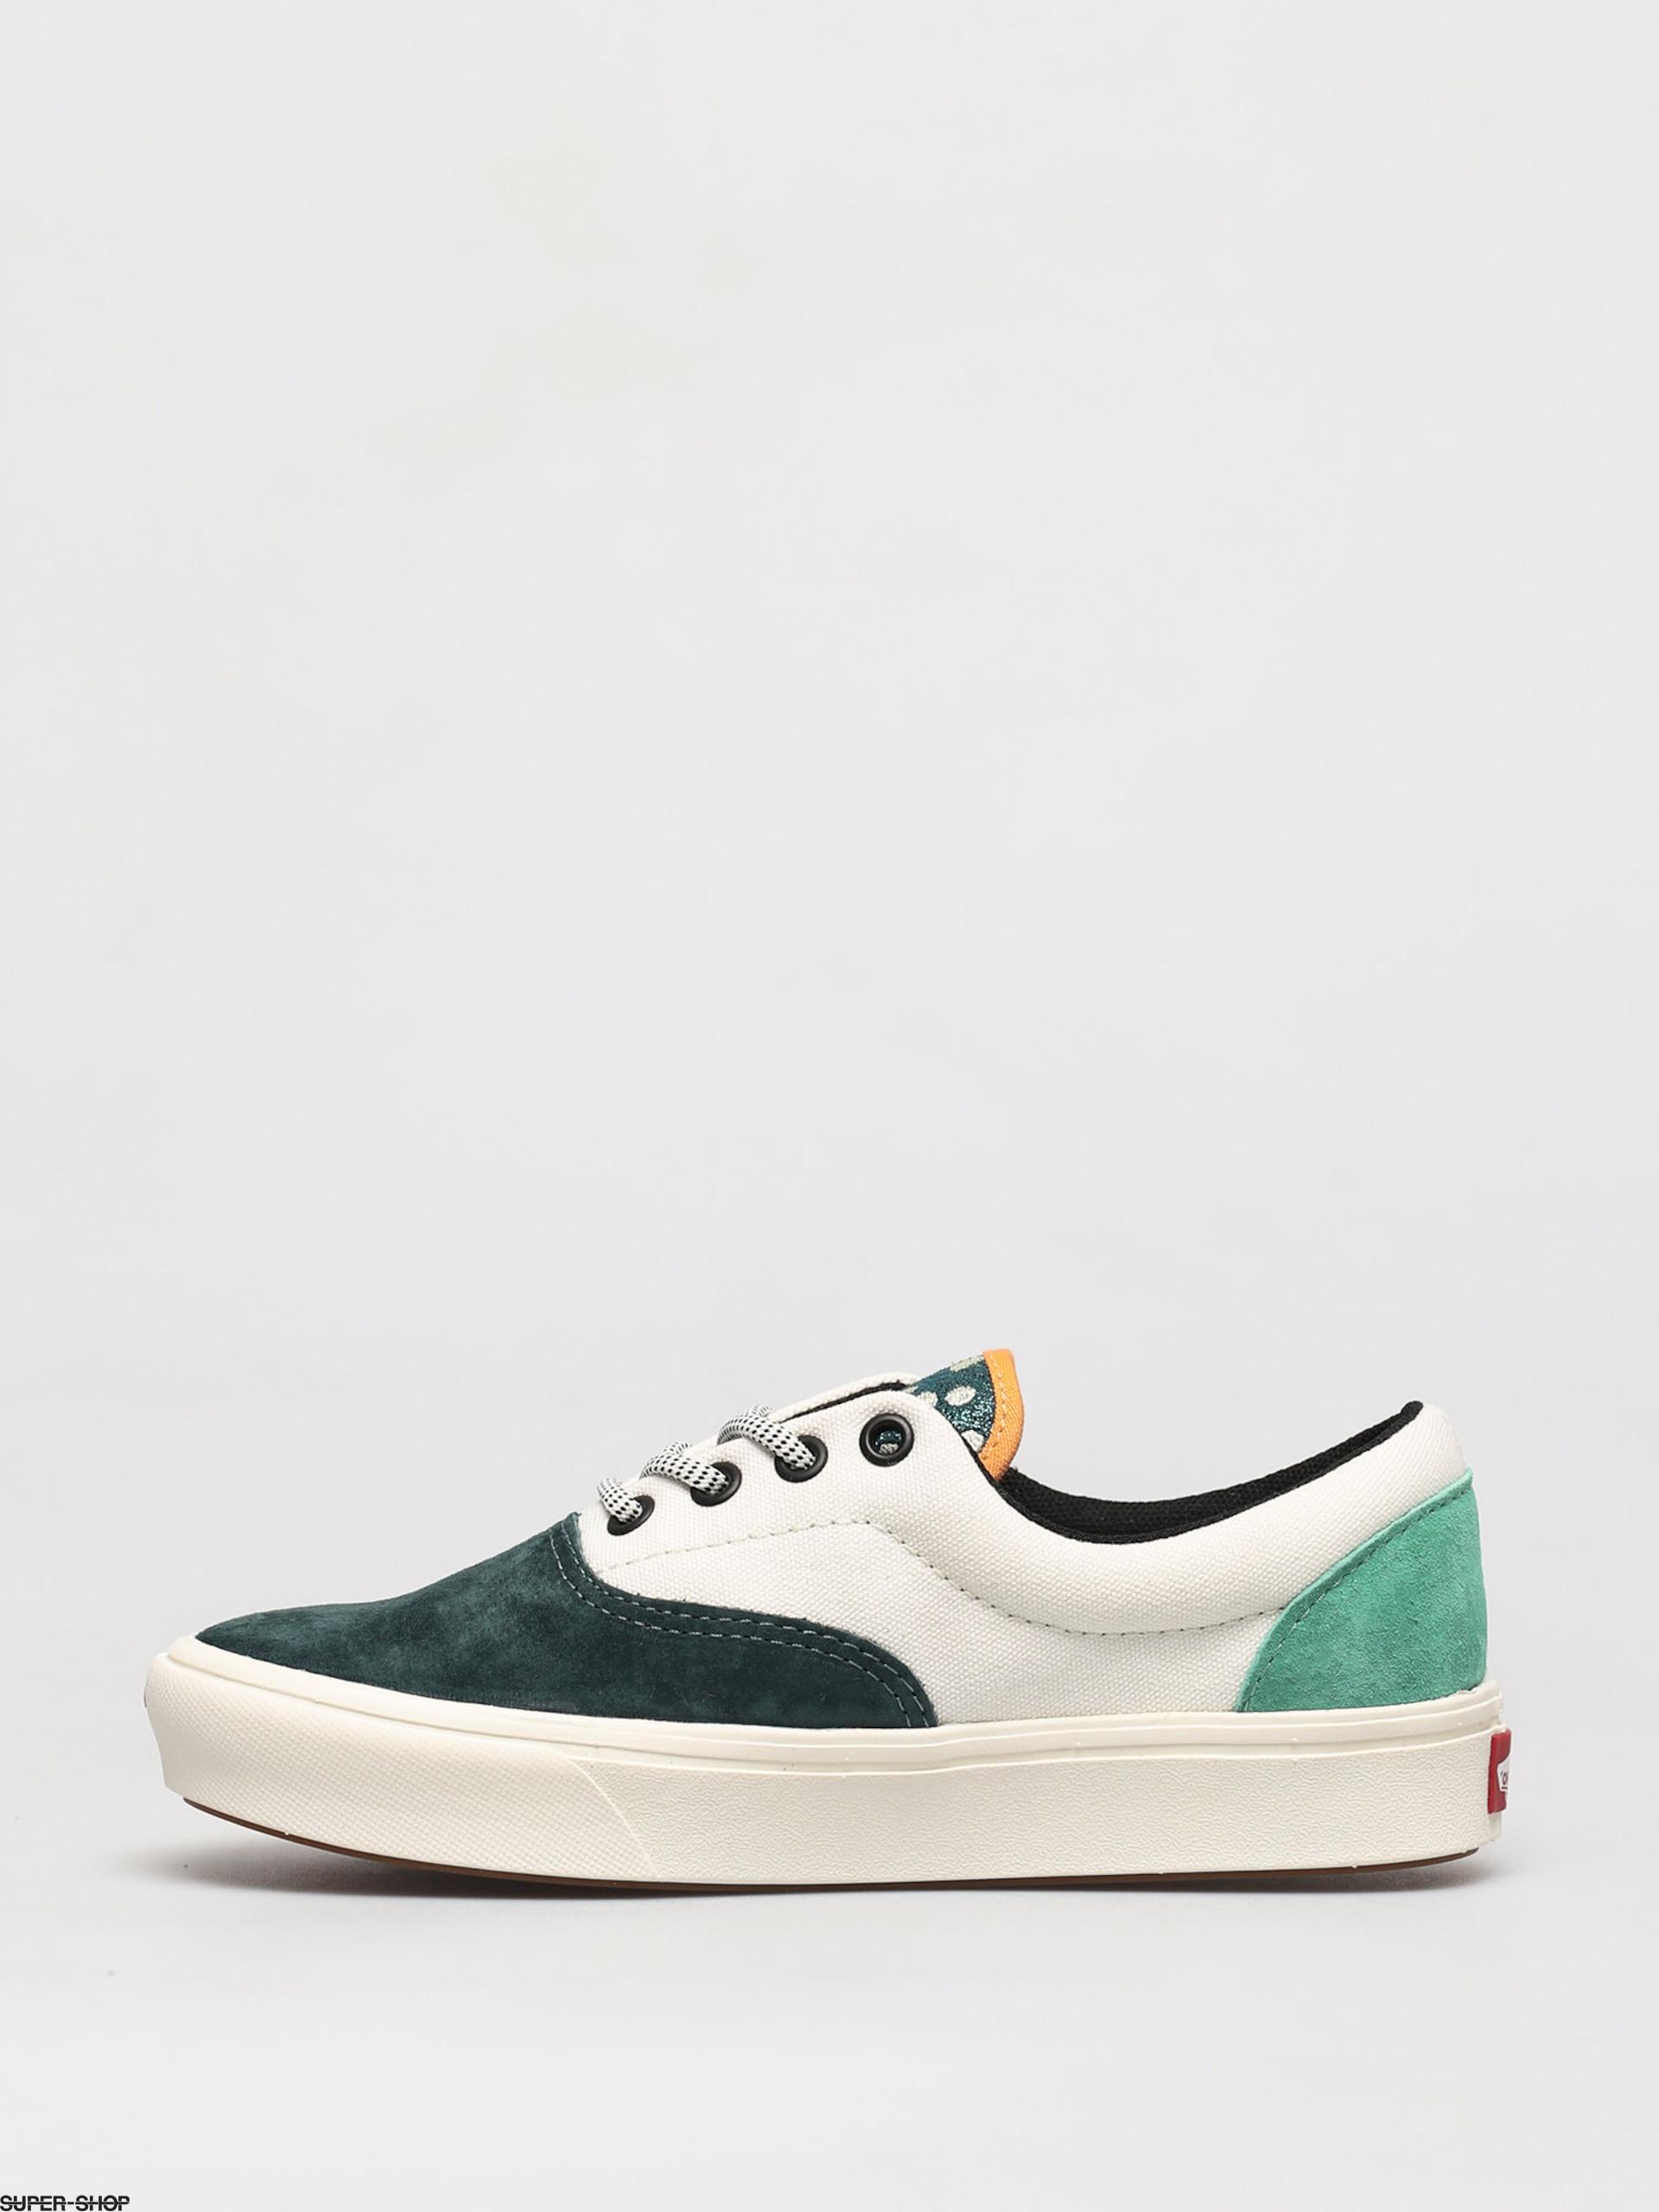 Vans Comfycush Era Schuhe (bugs balsa)